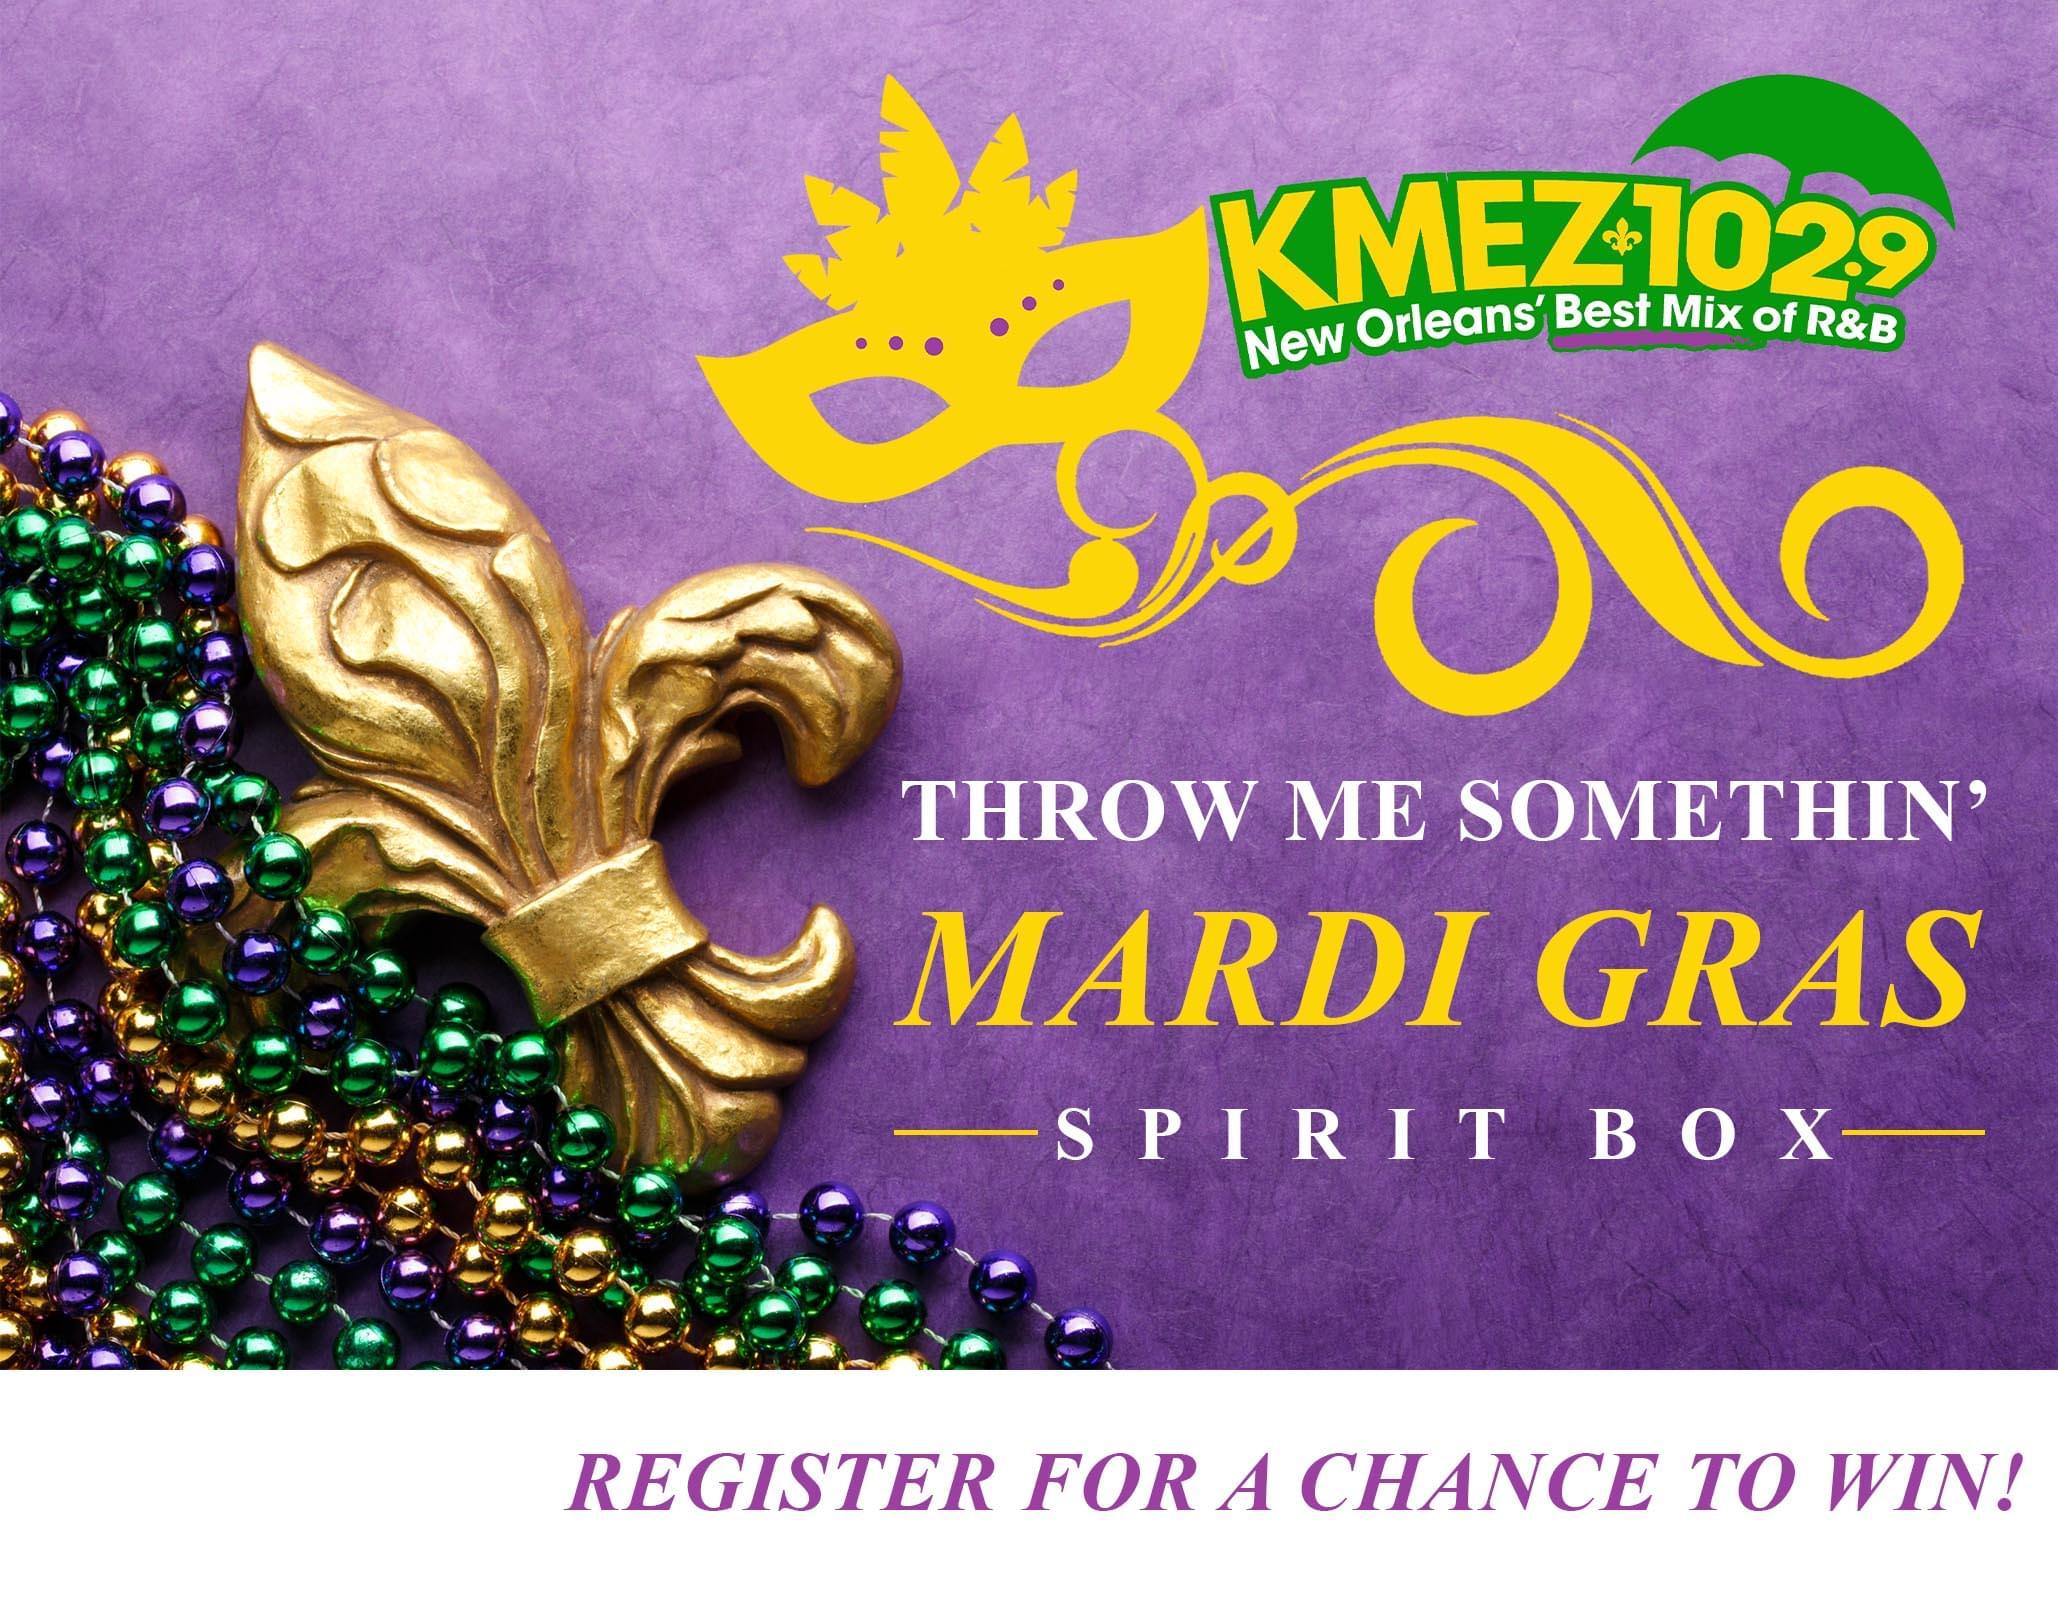 KMEZ 102.9's Mardi Gras Spirit Box Giveaway!